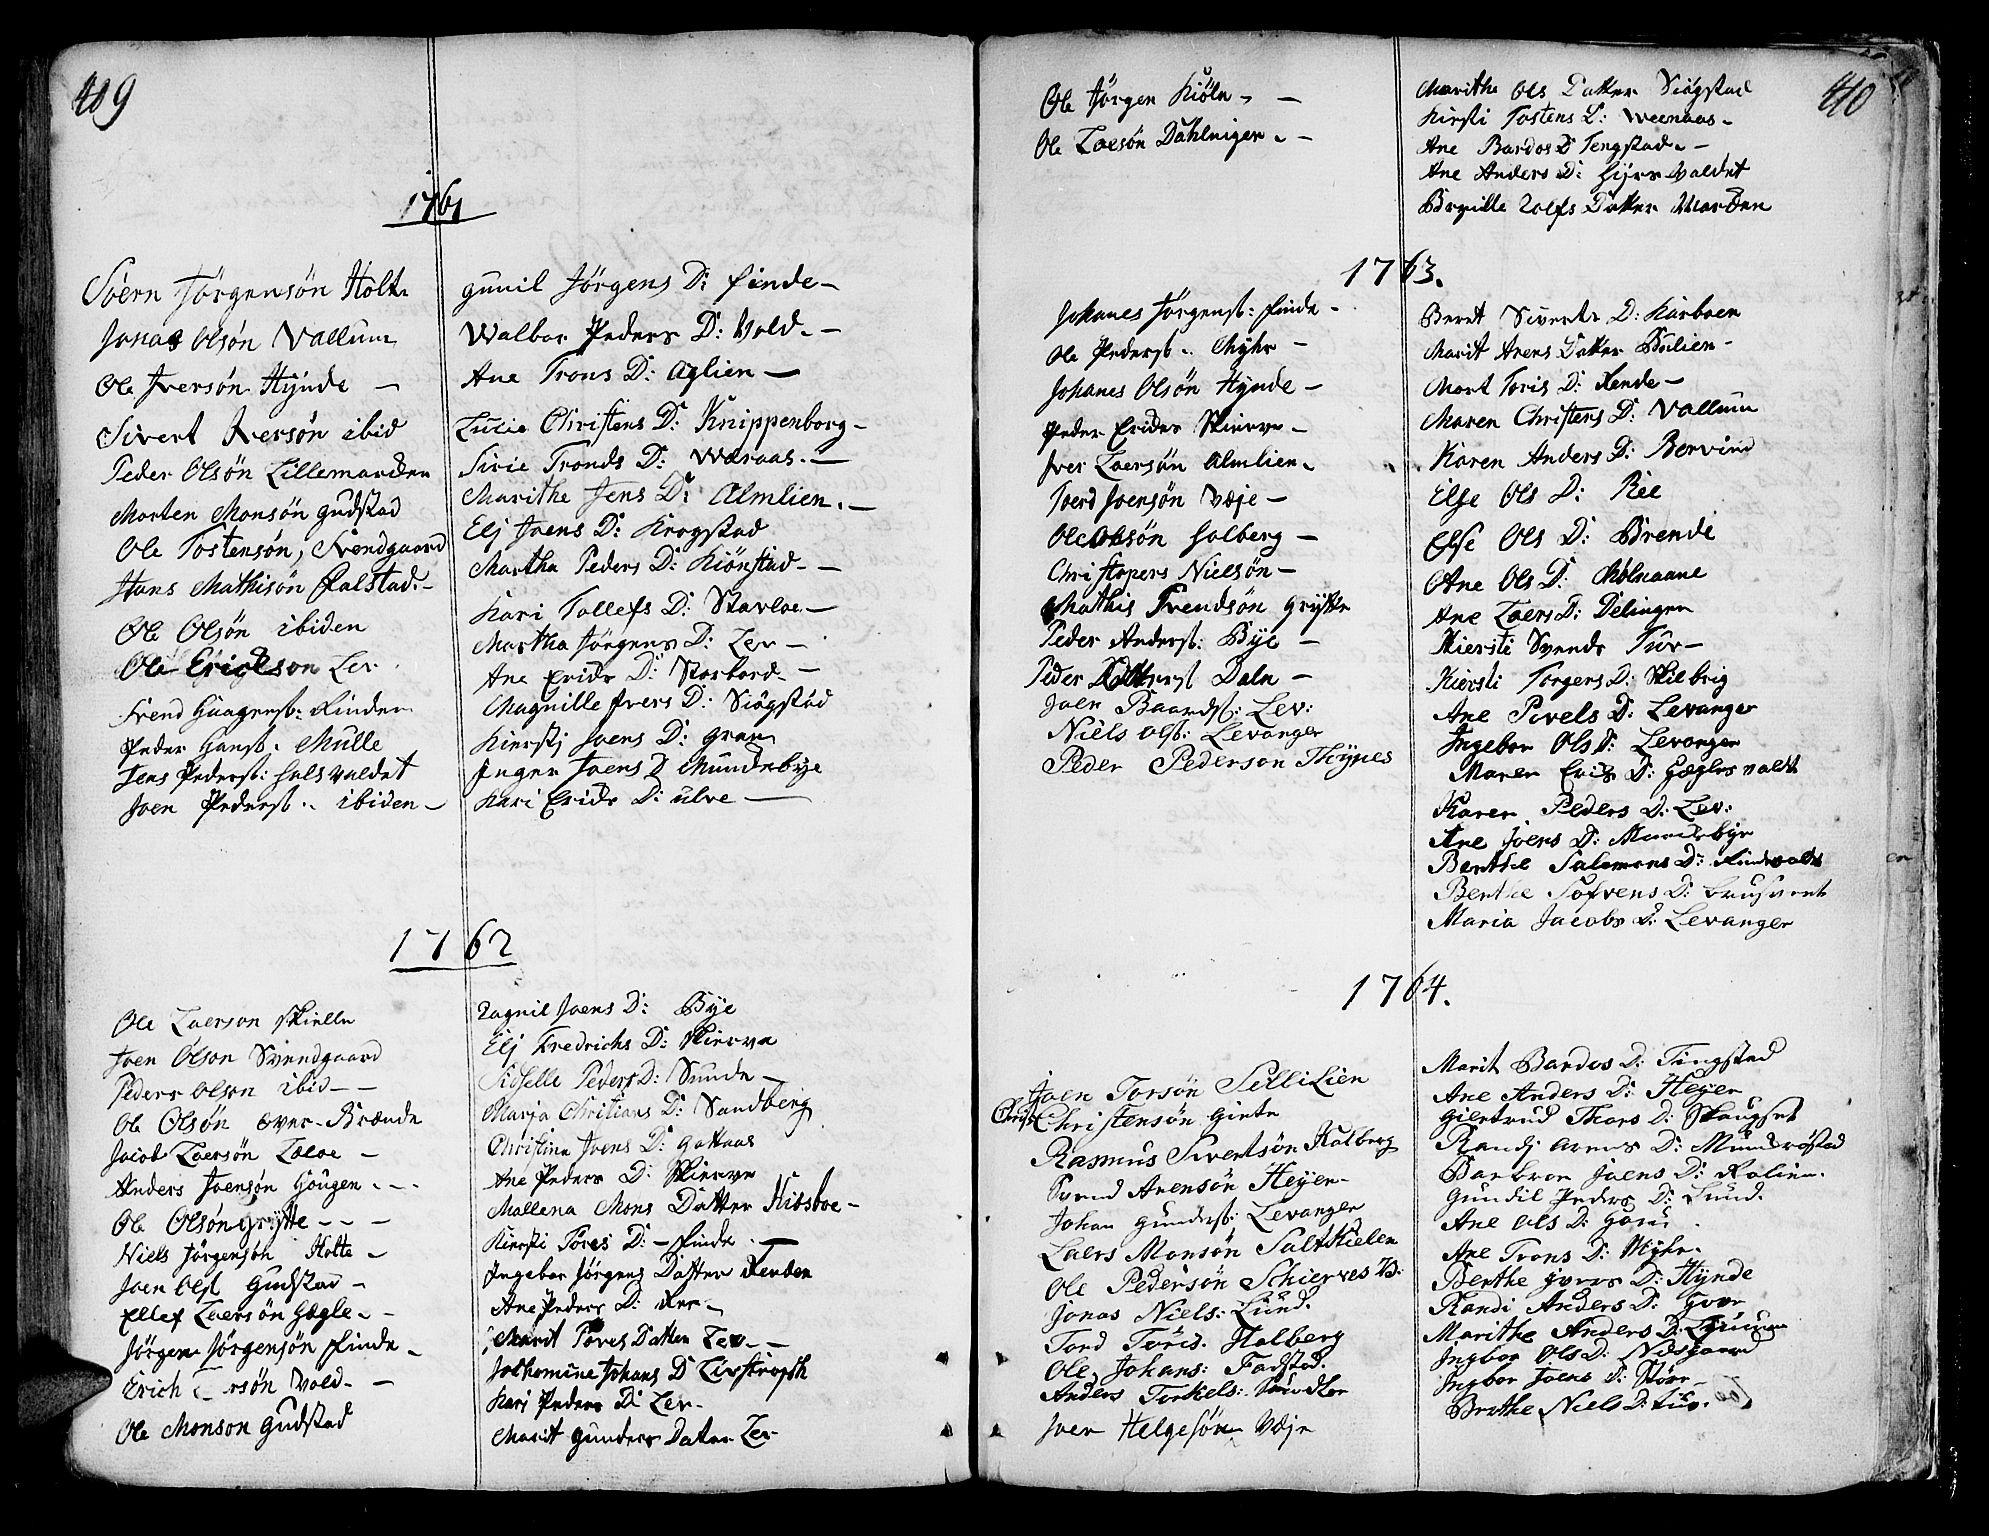 SAT, Ministerialprotokoller, klokkerbøker og fødselsregistre - Nord-Trøndelag, 717/L0141: Ministerialbok nr. 717A01, 1747-1803, s. 409-410